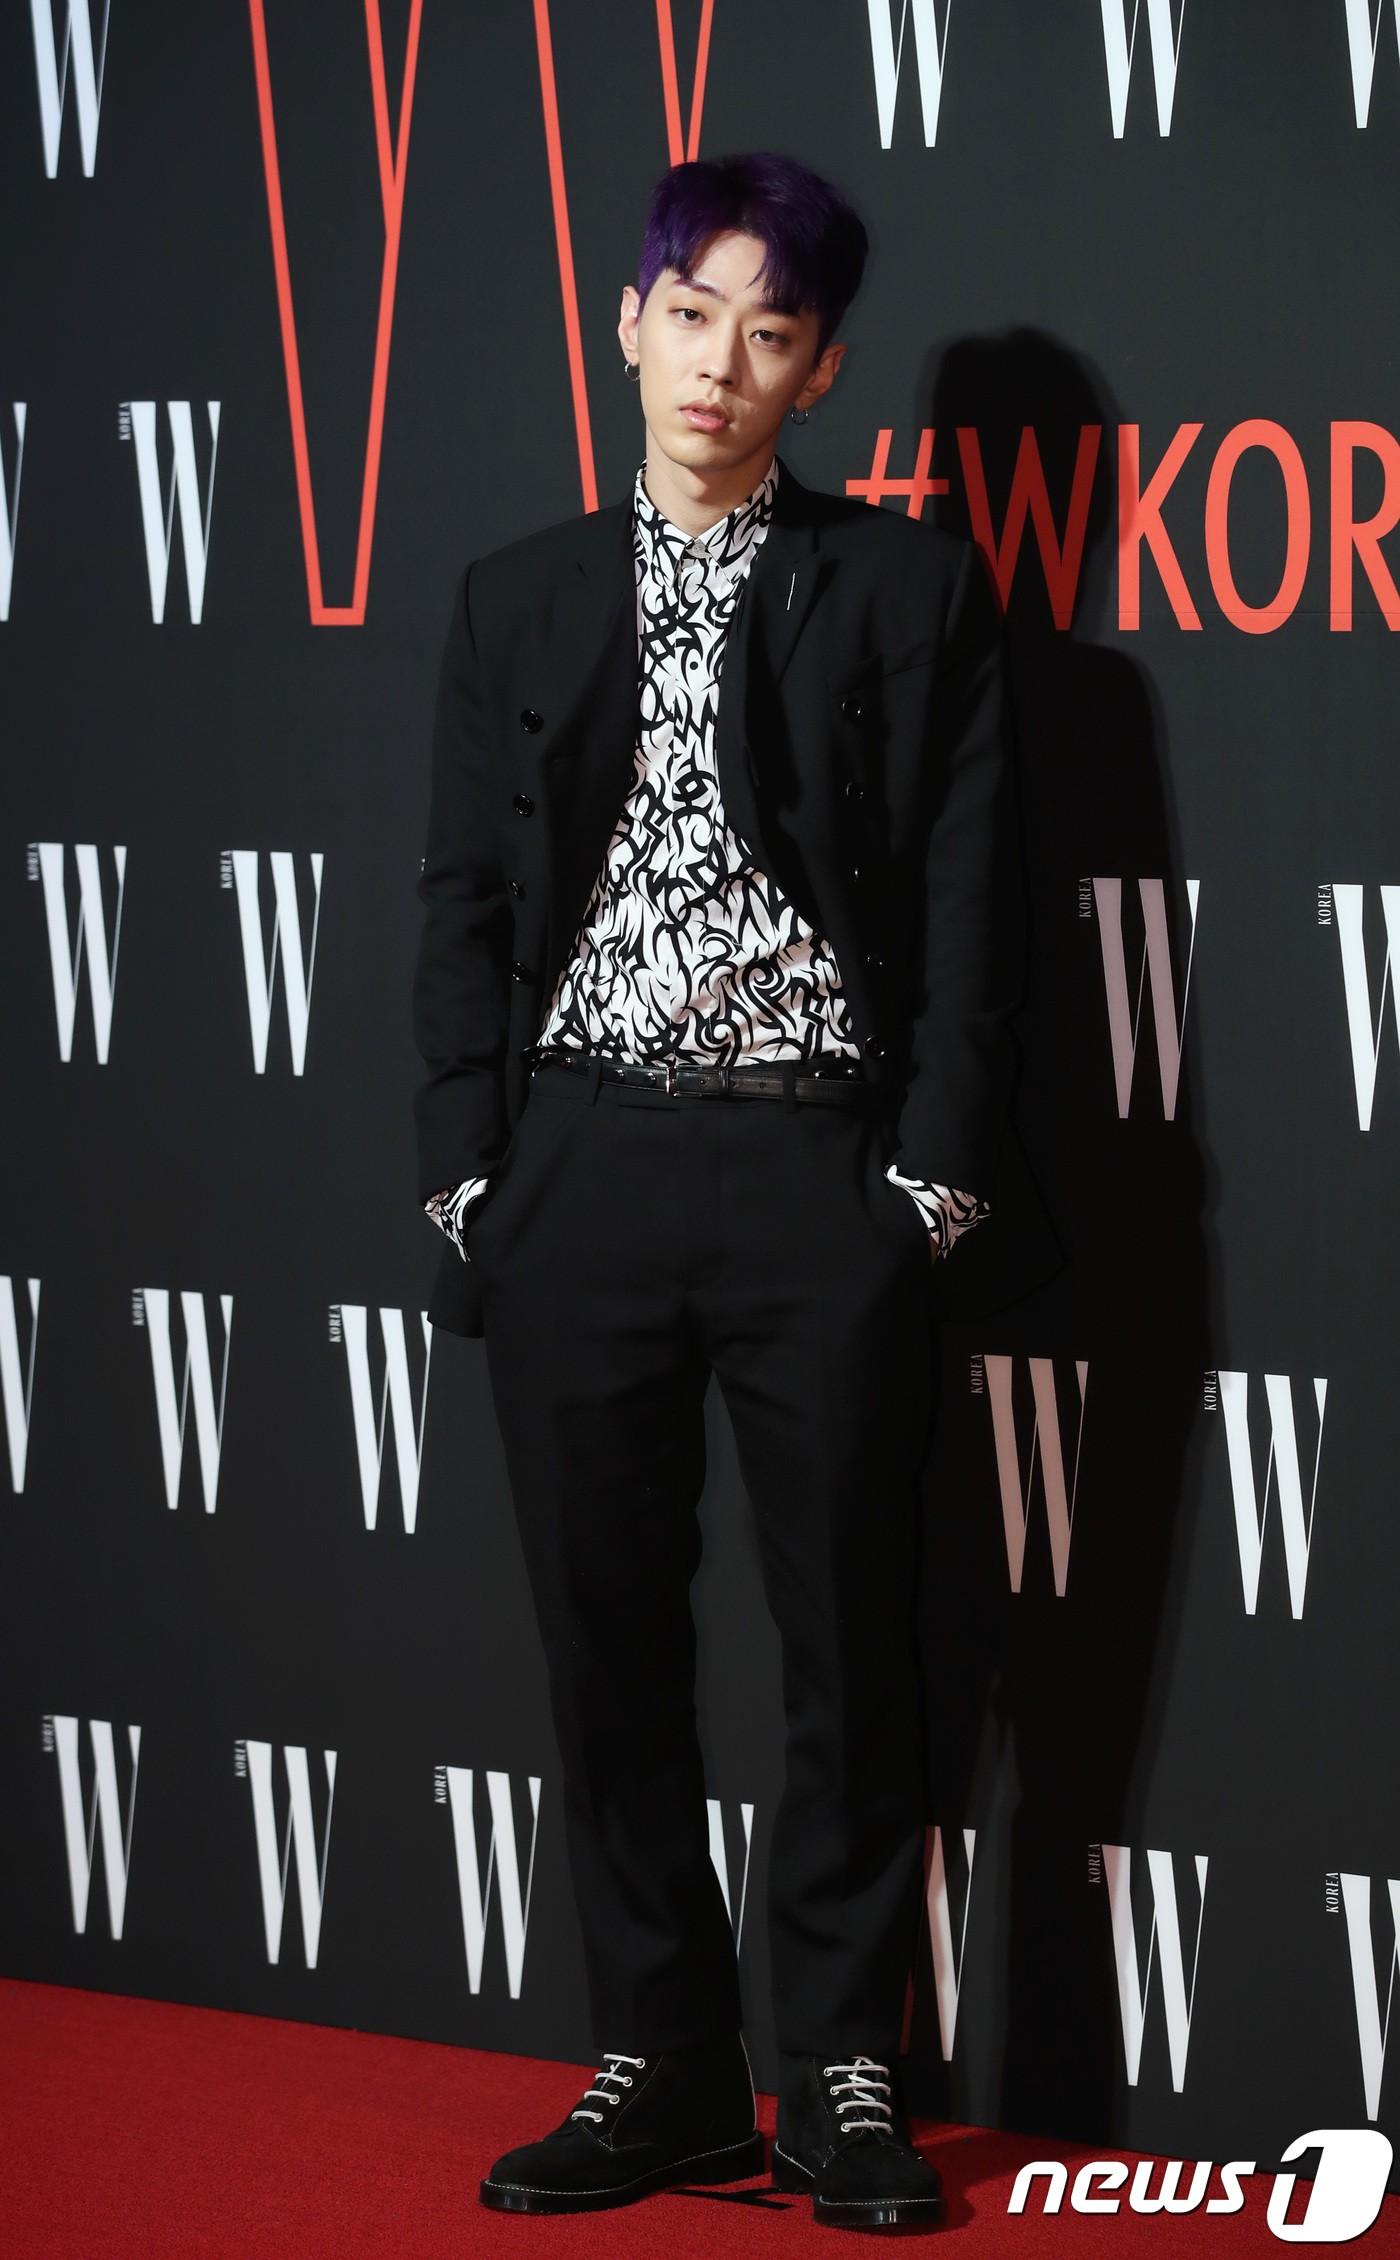 Siêu sự kiện hội tụ 40 sao hạng A: Lee Dong Wook quá xuất sắc, Kim Hee Sun, SNSD dẫn đầu đoàn mỹ nhân mặc thảm họa - Ảnh 36.